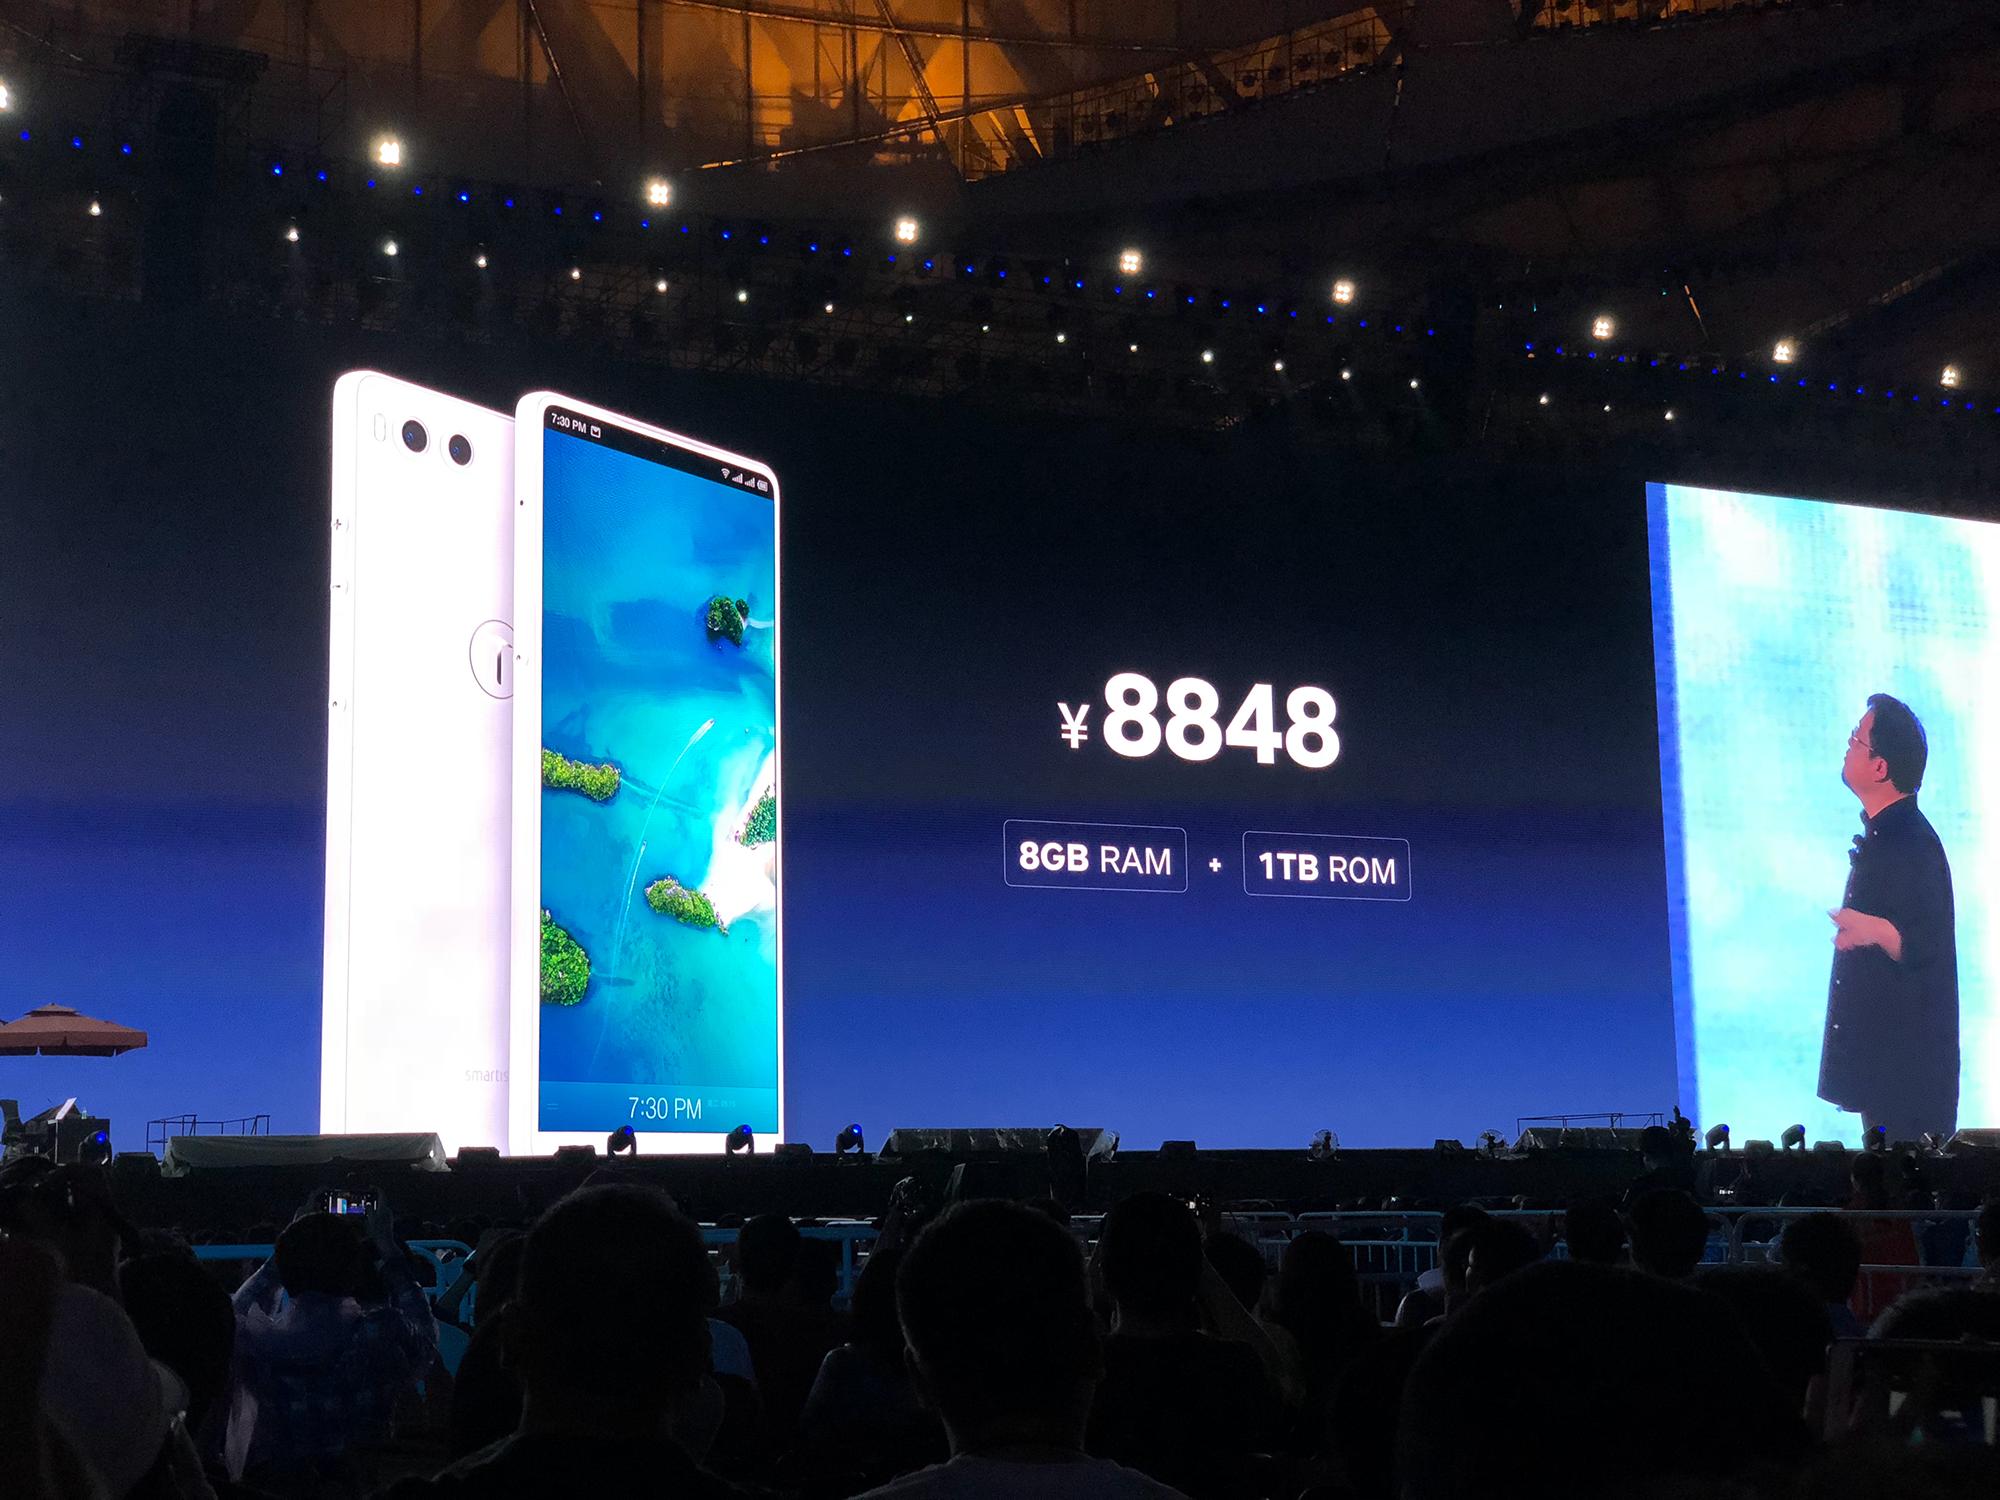 史上最大科技发布会 锤子带来了8848元的手机和14999元的平板电脑